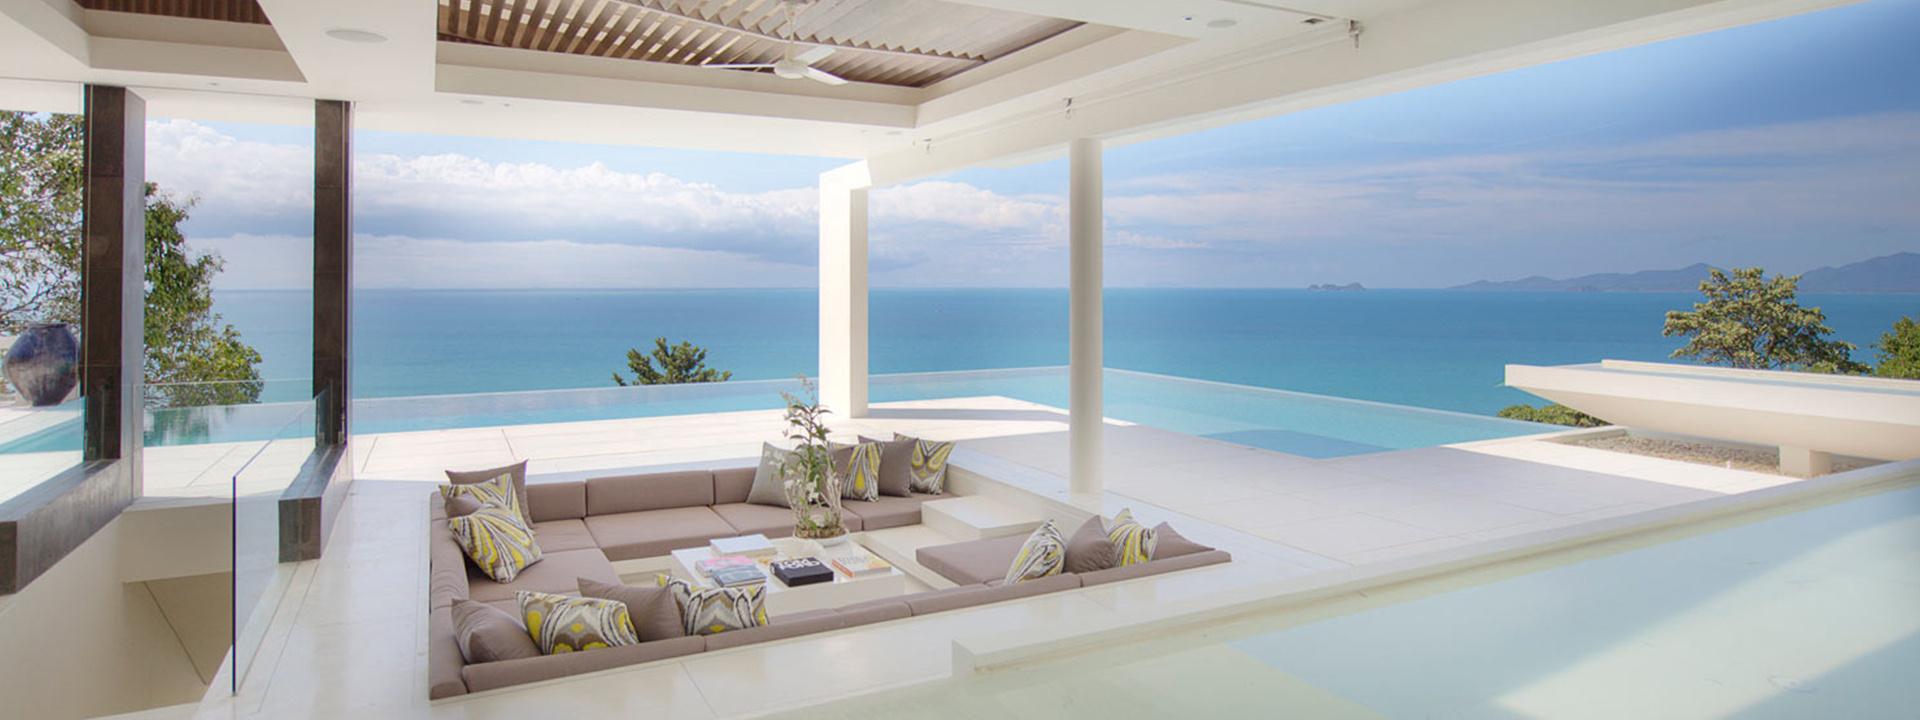 苏梅岛青瓷别墅热带岛屿的缩影,限时八五折